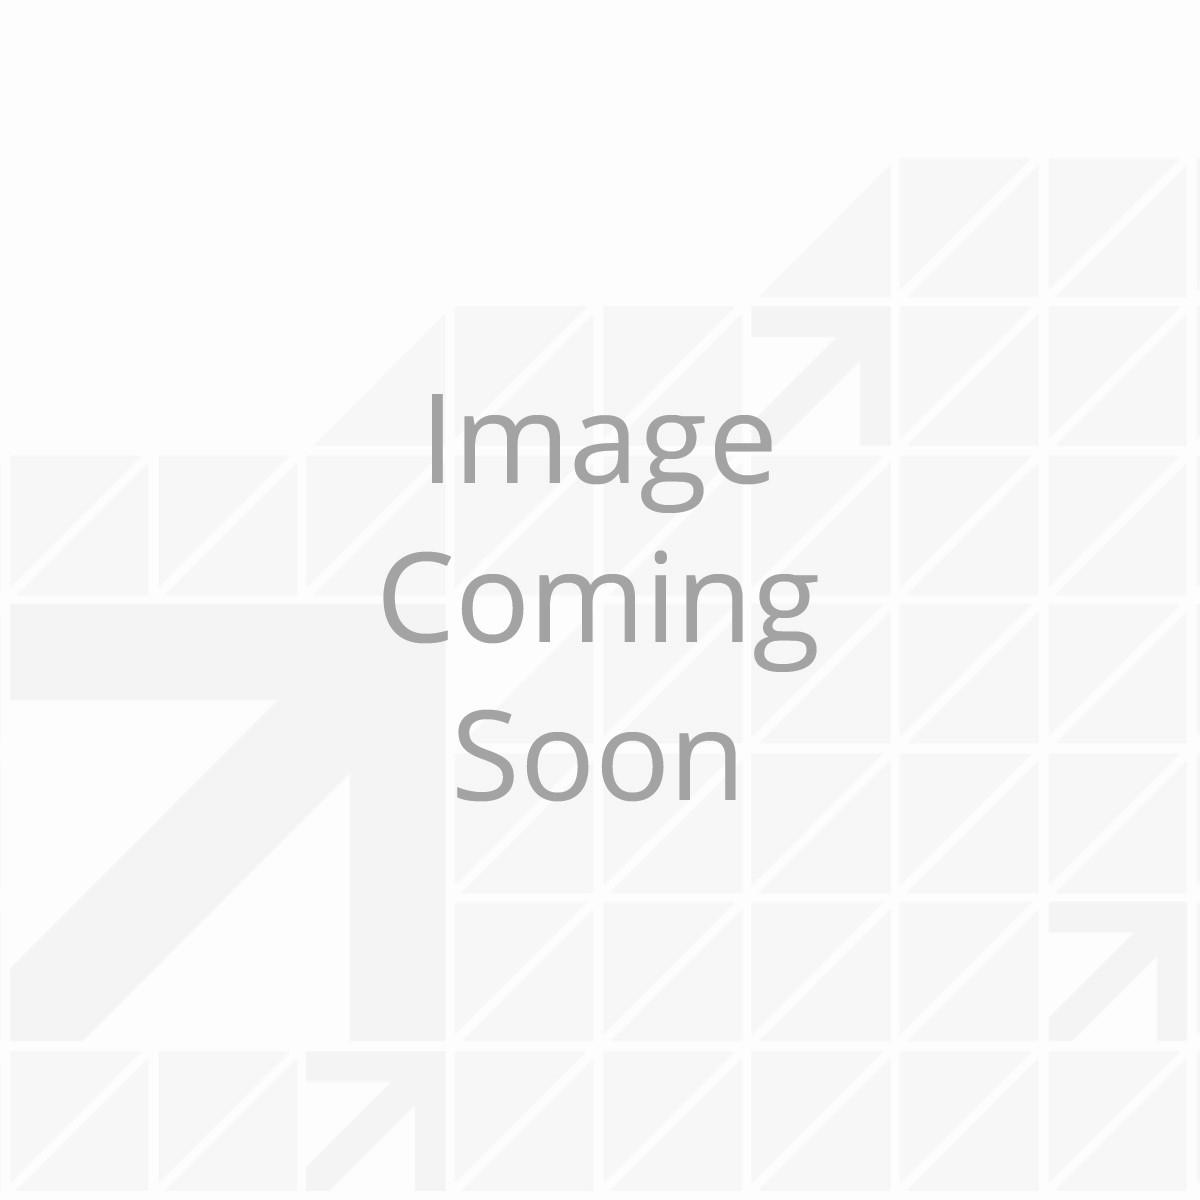 Zero Gravity XL Lounge Chair - Black